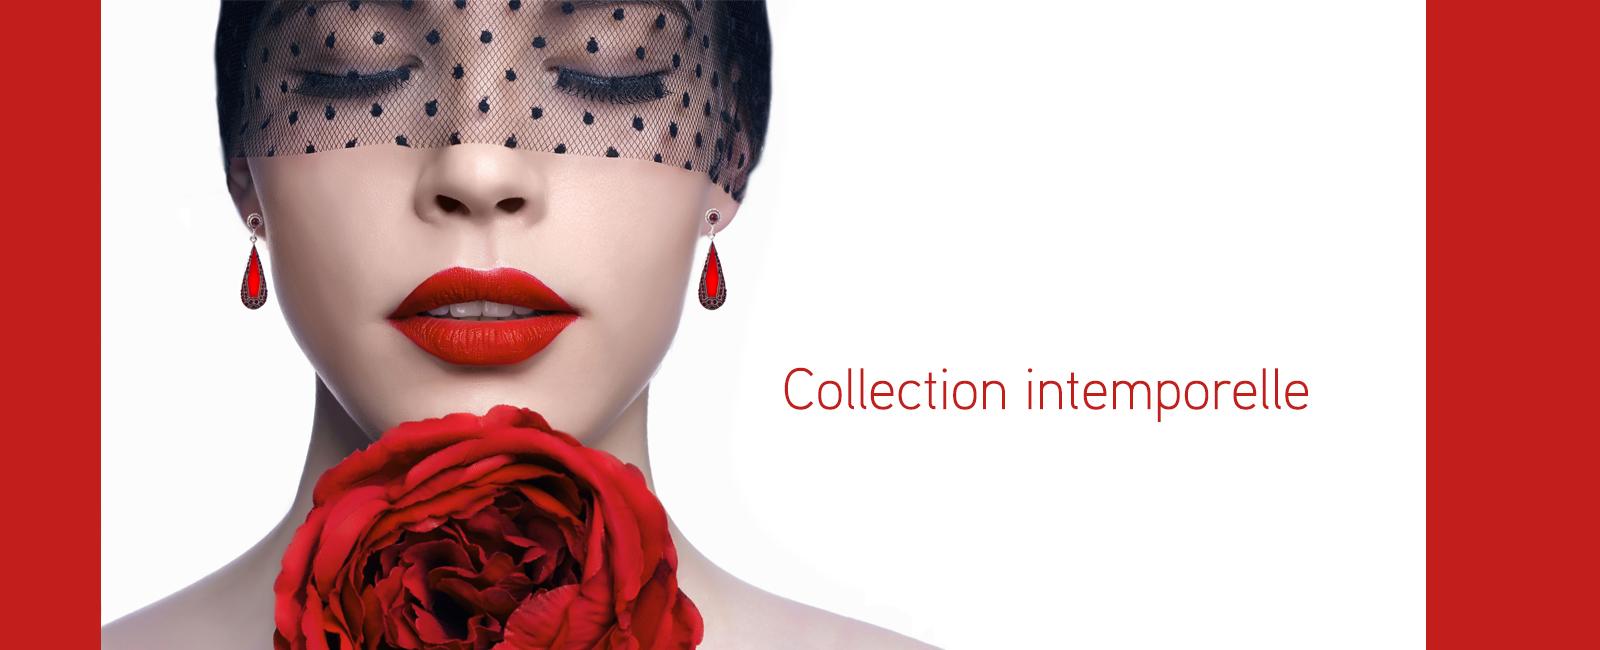 Collection intemporelle